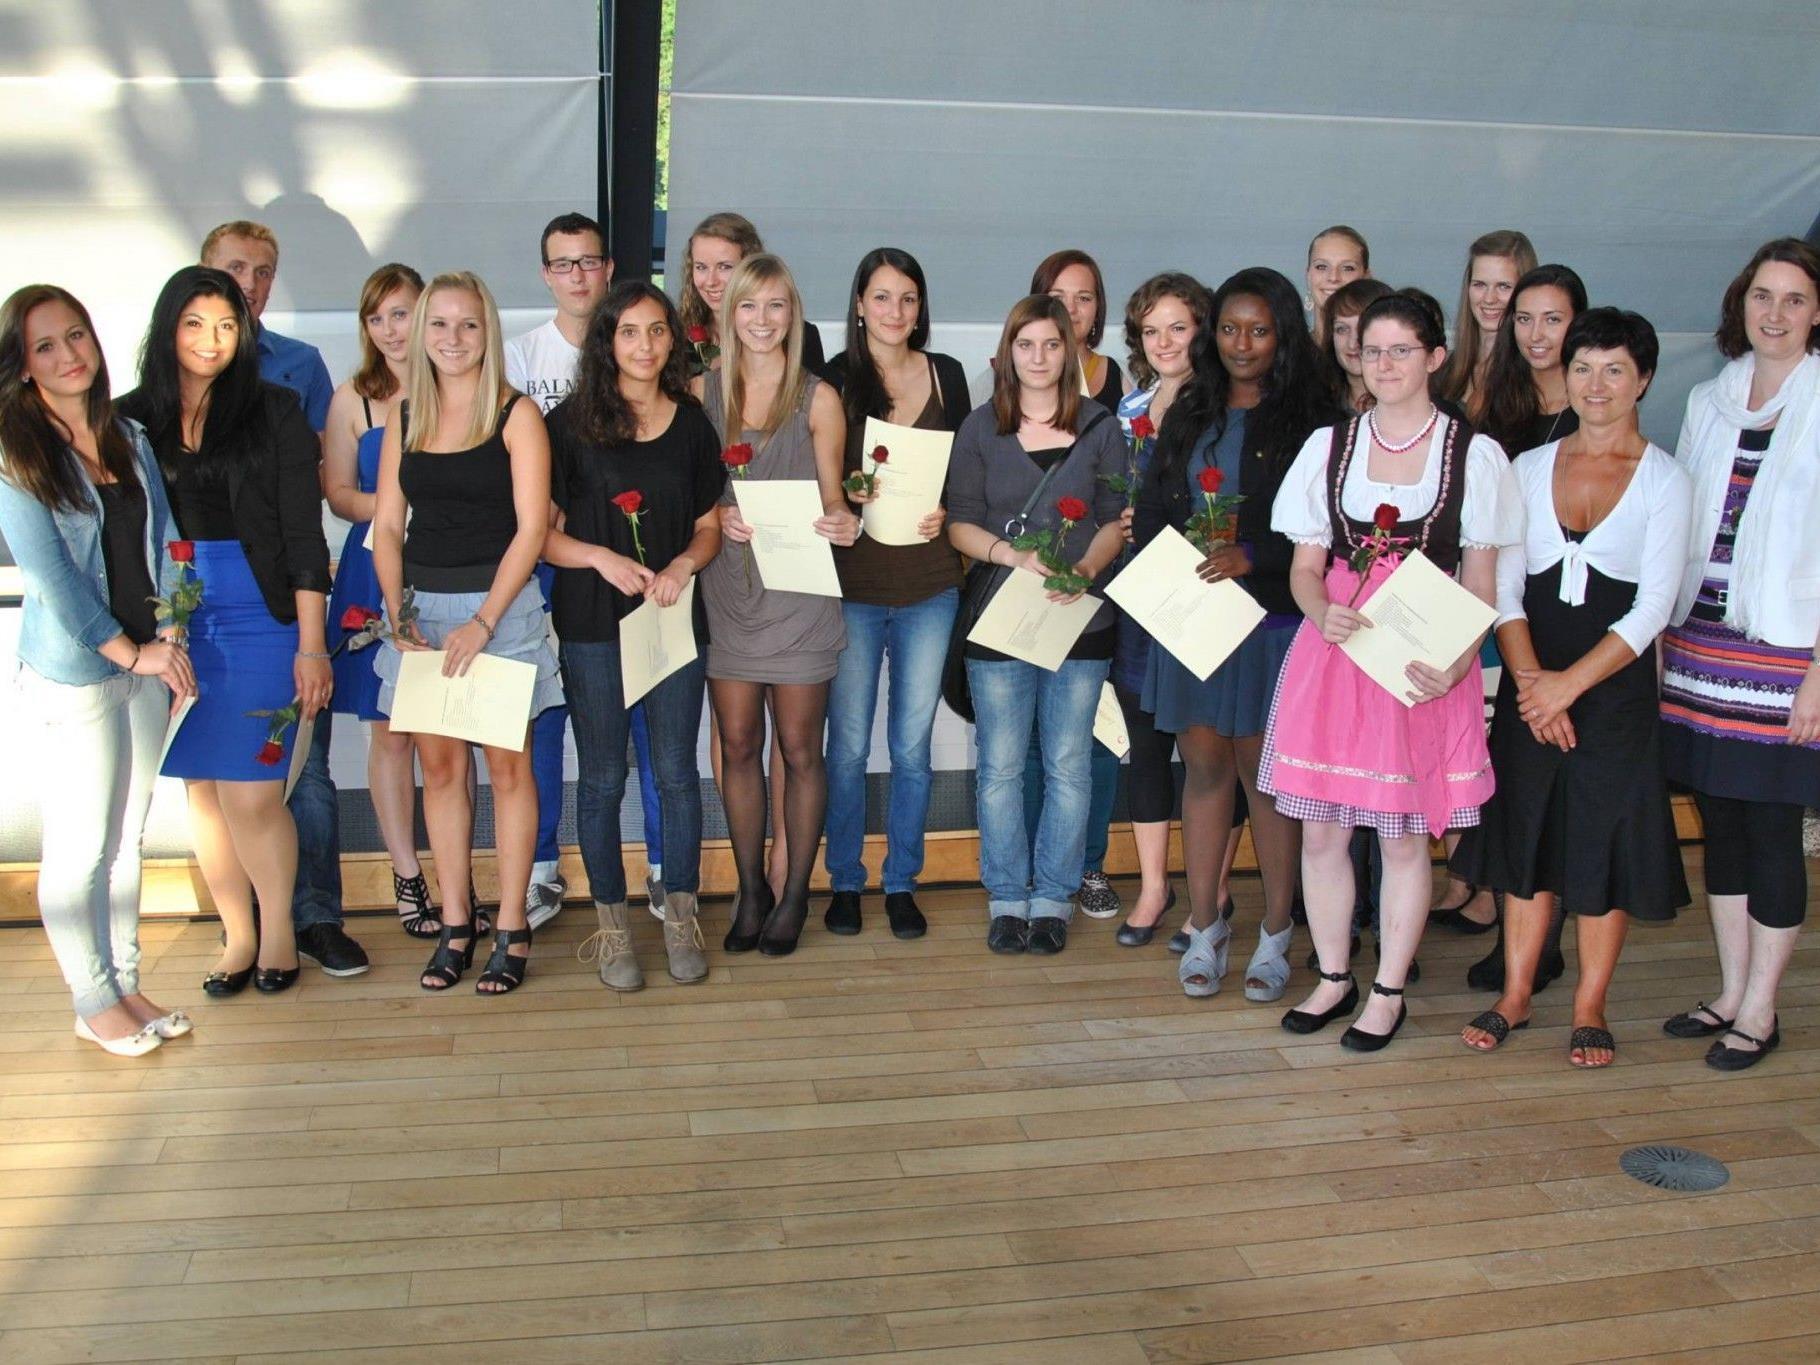 Die jungen Leute erhielten in Götzis die Abschluss-Zertifikate nach ihrem Sozialen Jahr.